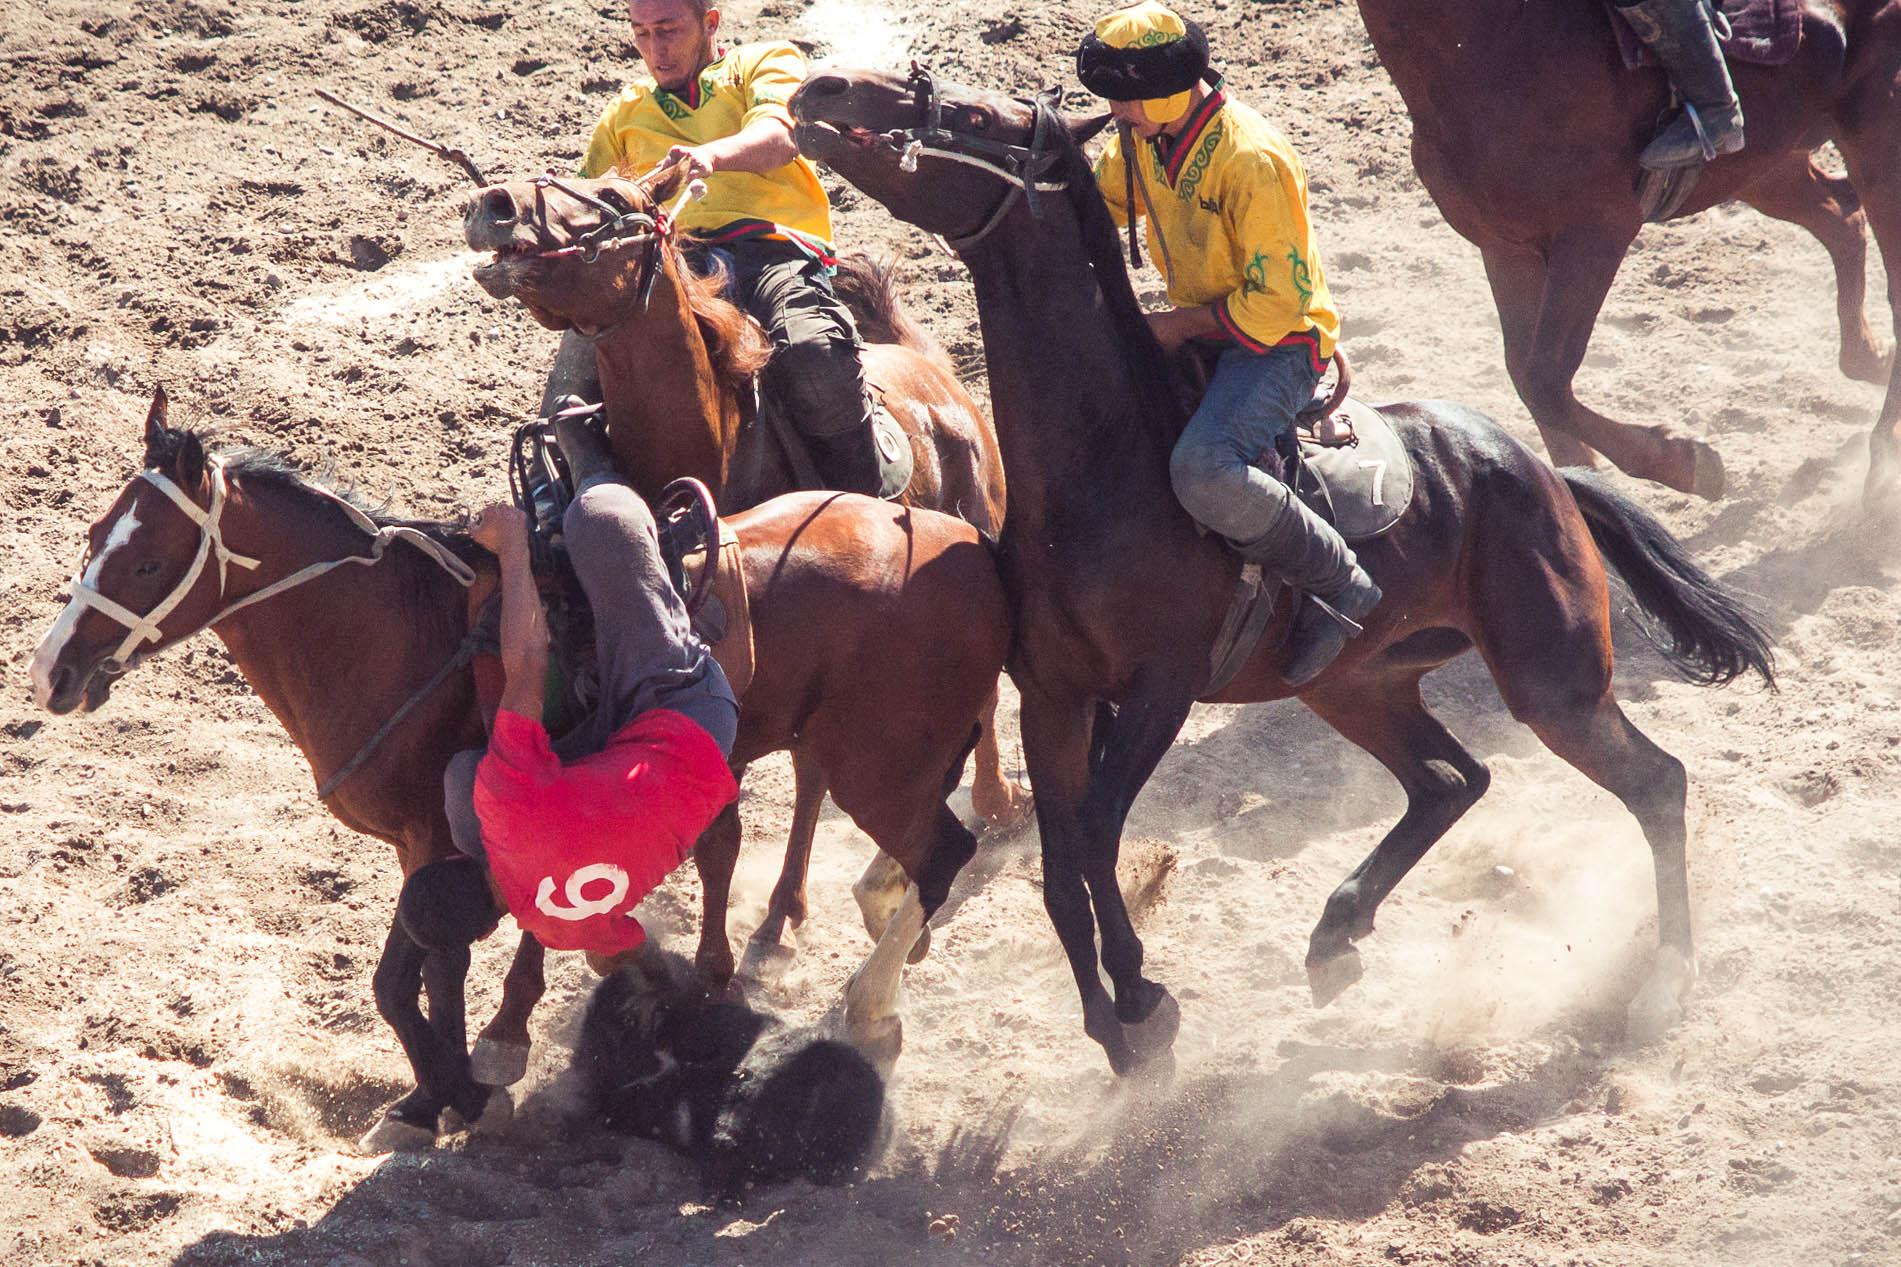 Gra na koniach w azji środkowej